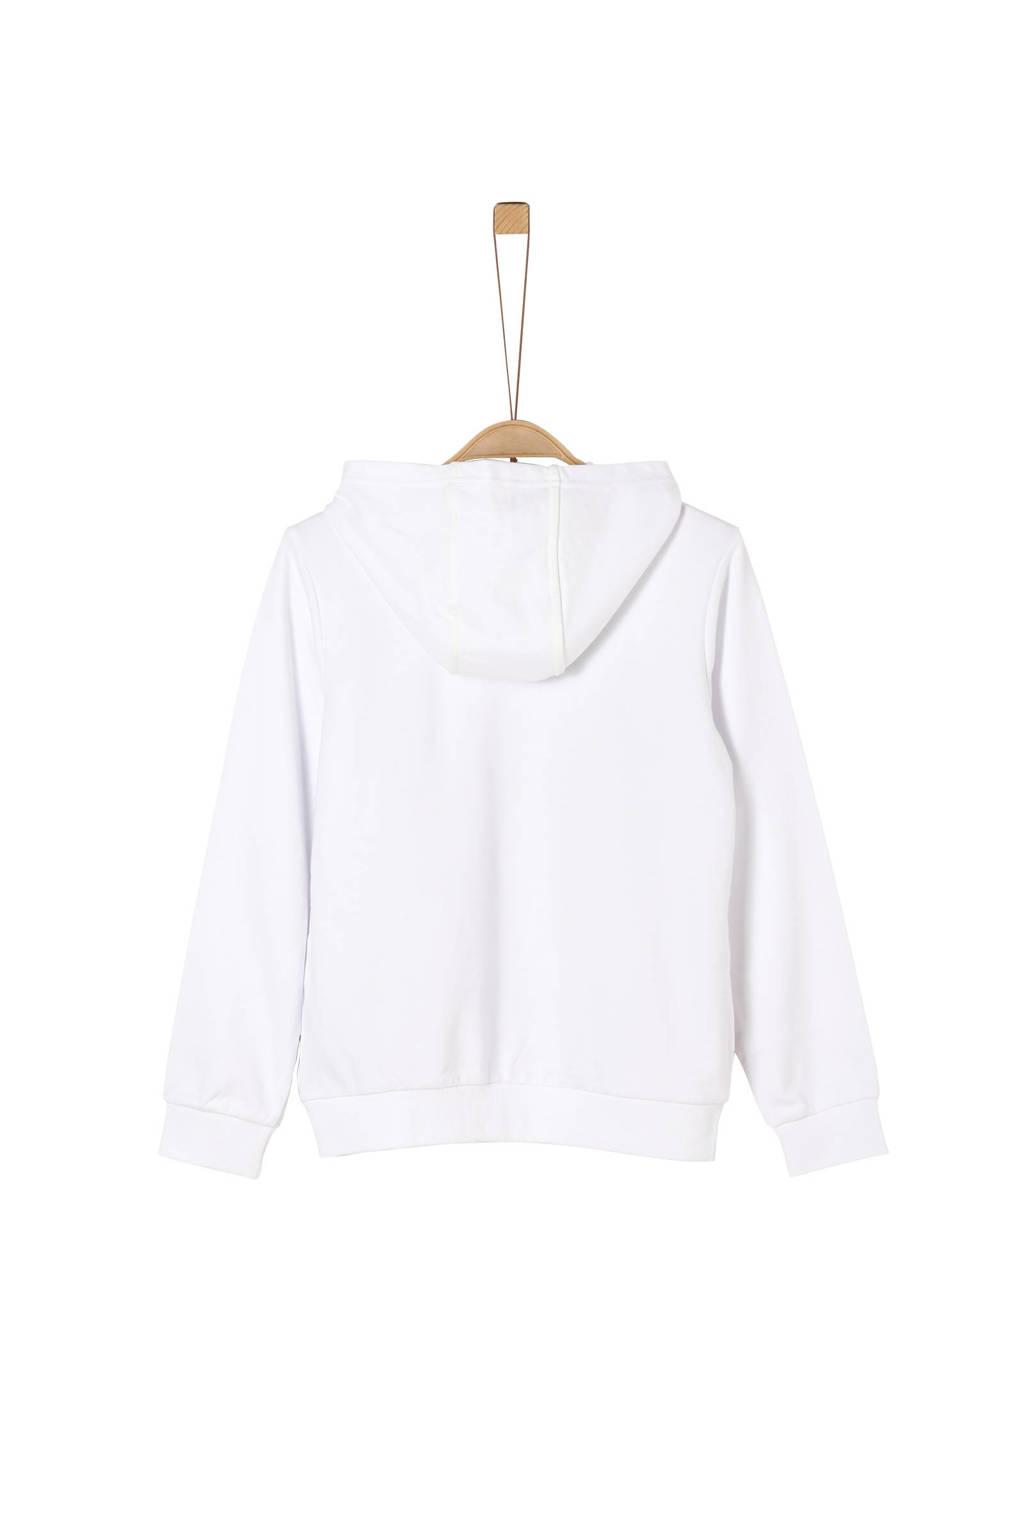 s.Oliver hoodie met printopdruk wit/rood/zwart, Wit/rood/zwart